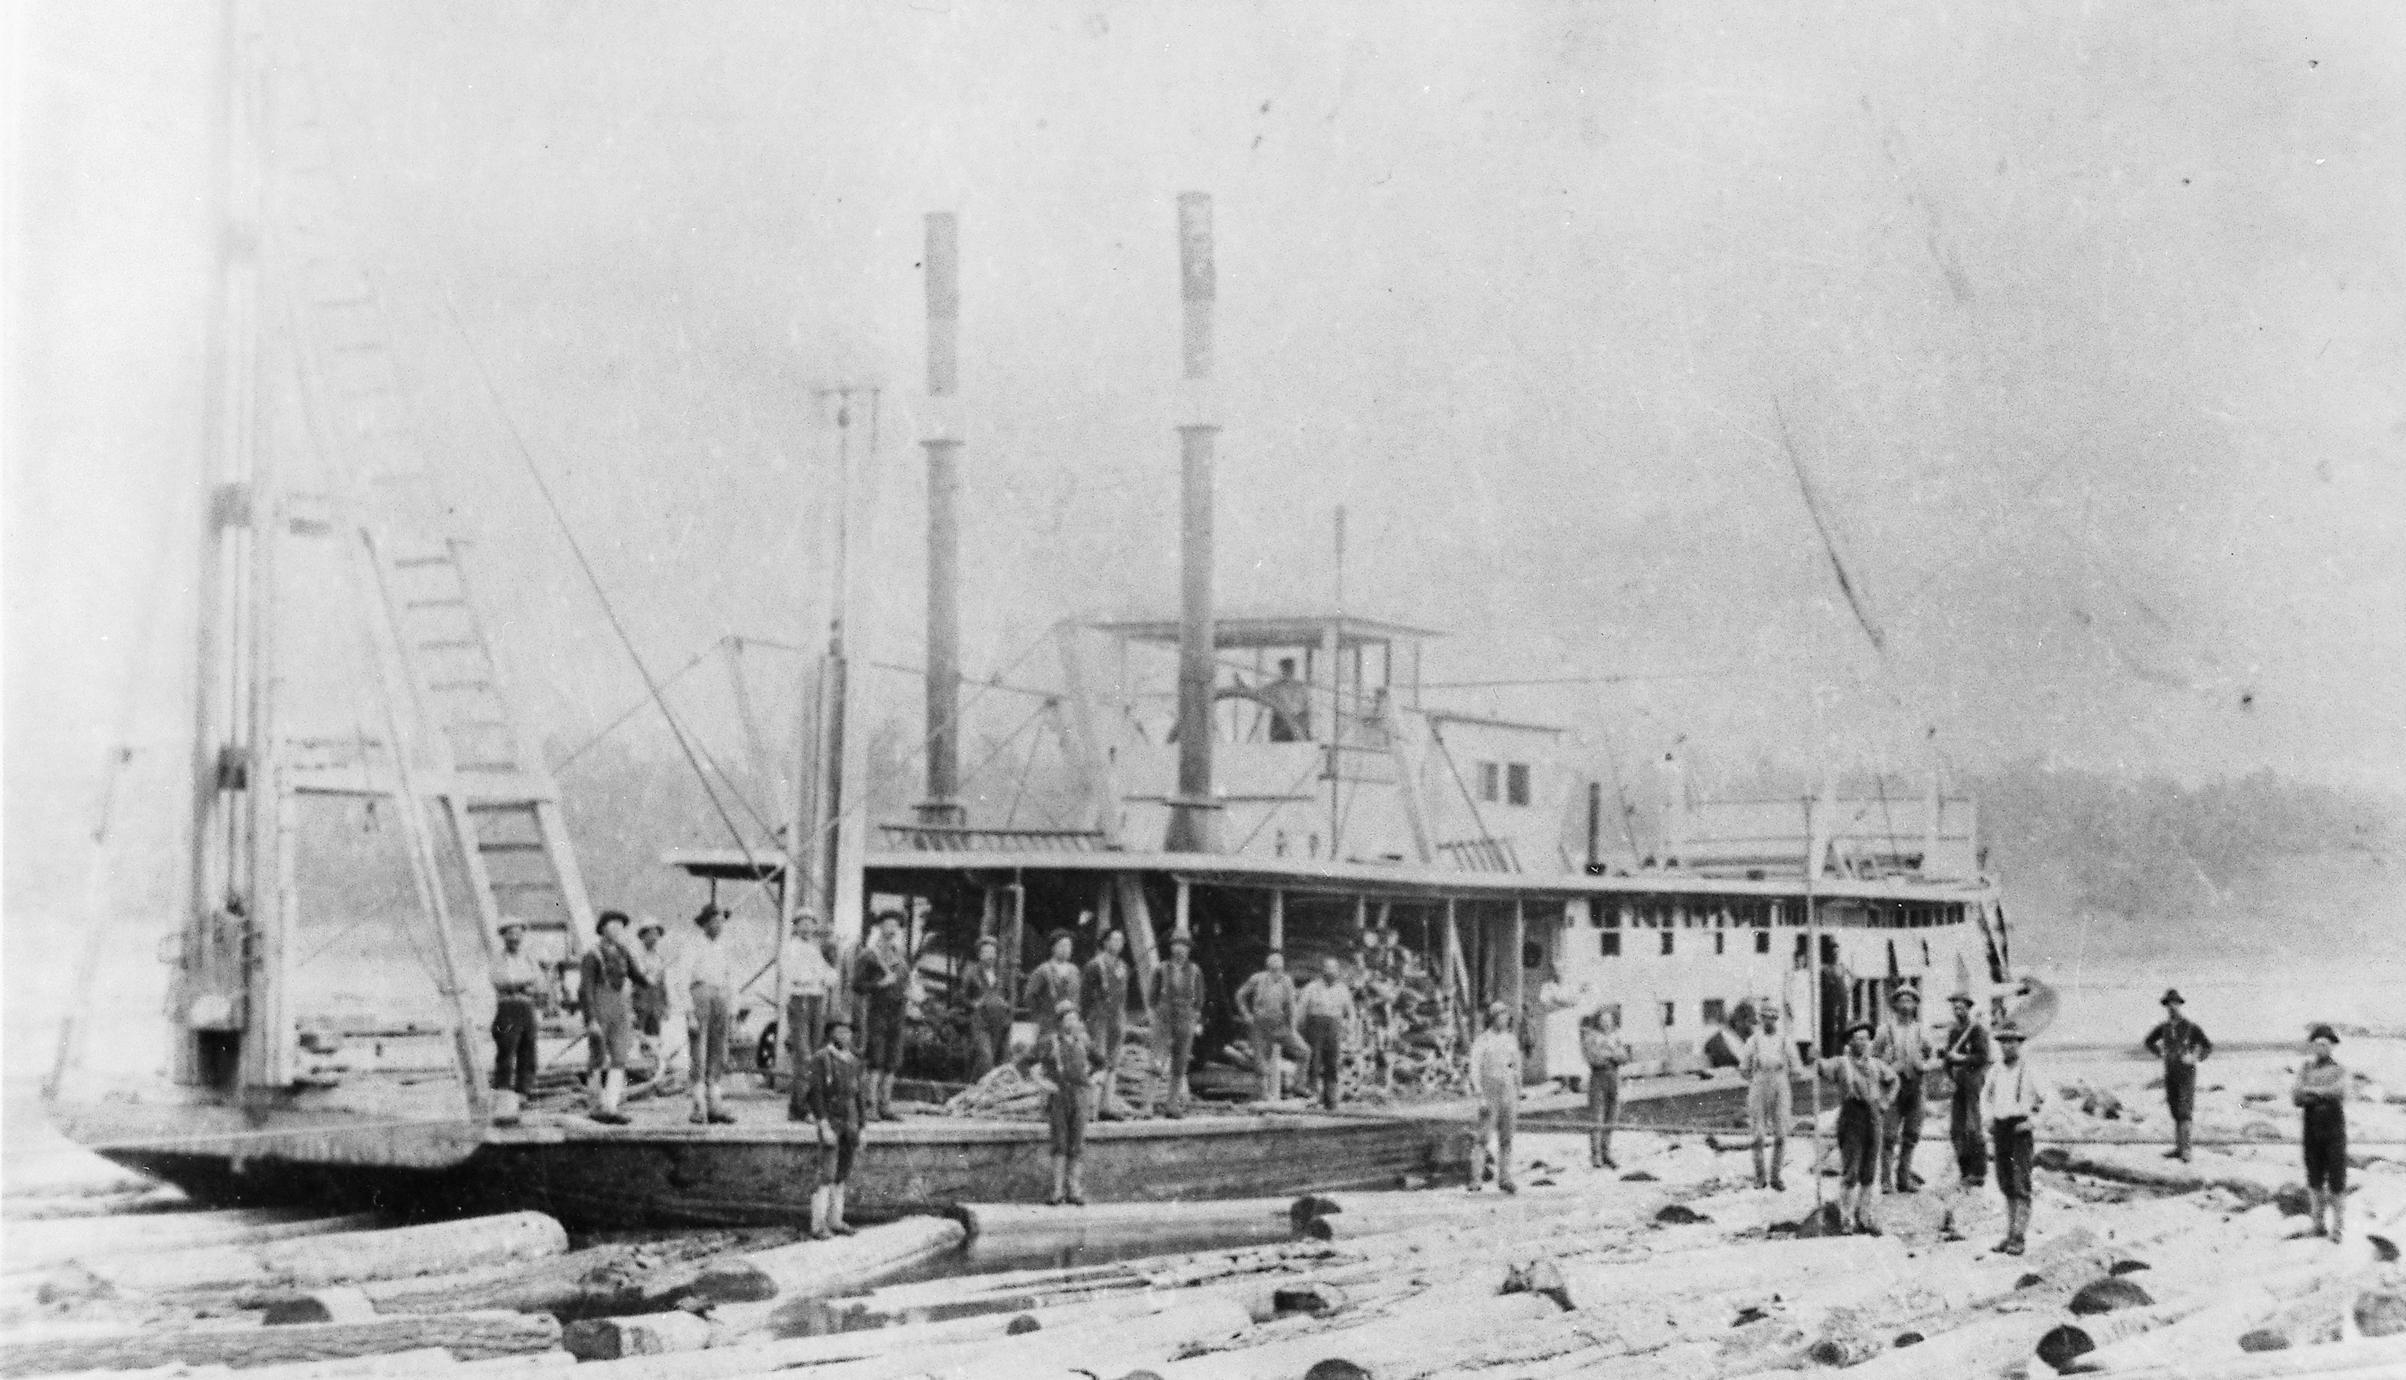 Hiwassee (Towboat, 1908-1938)